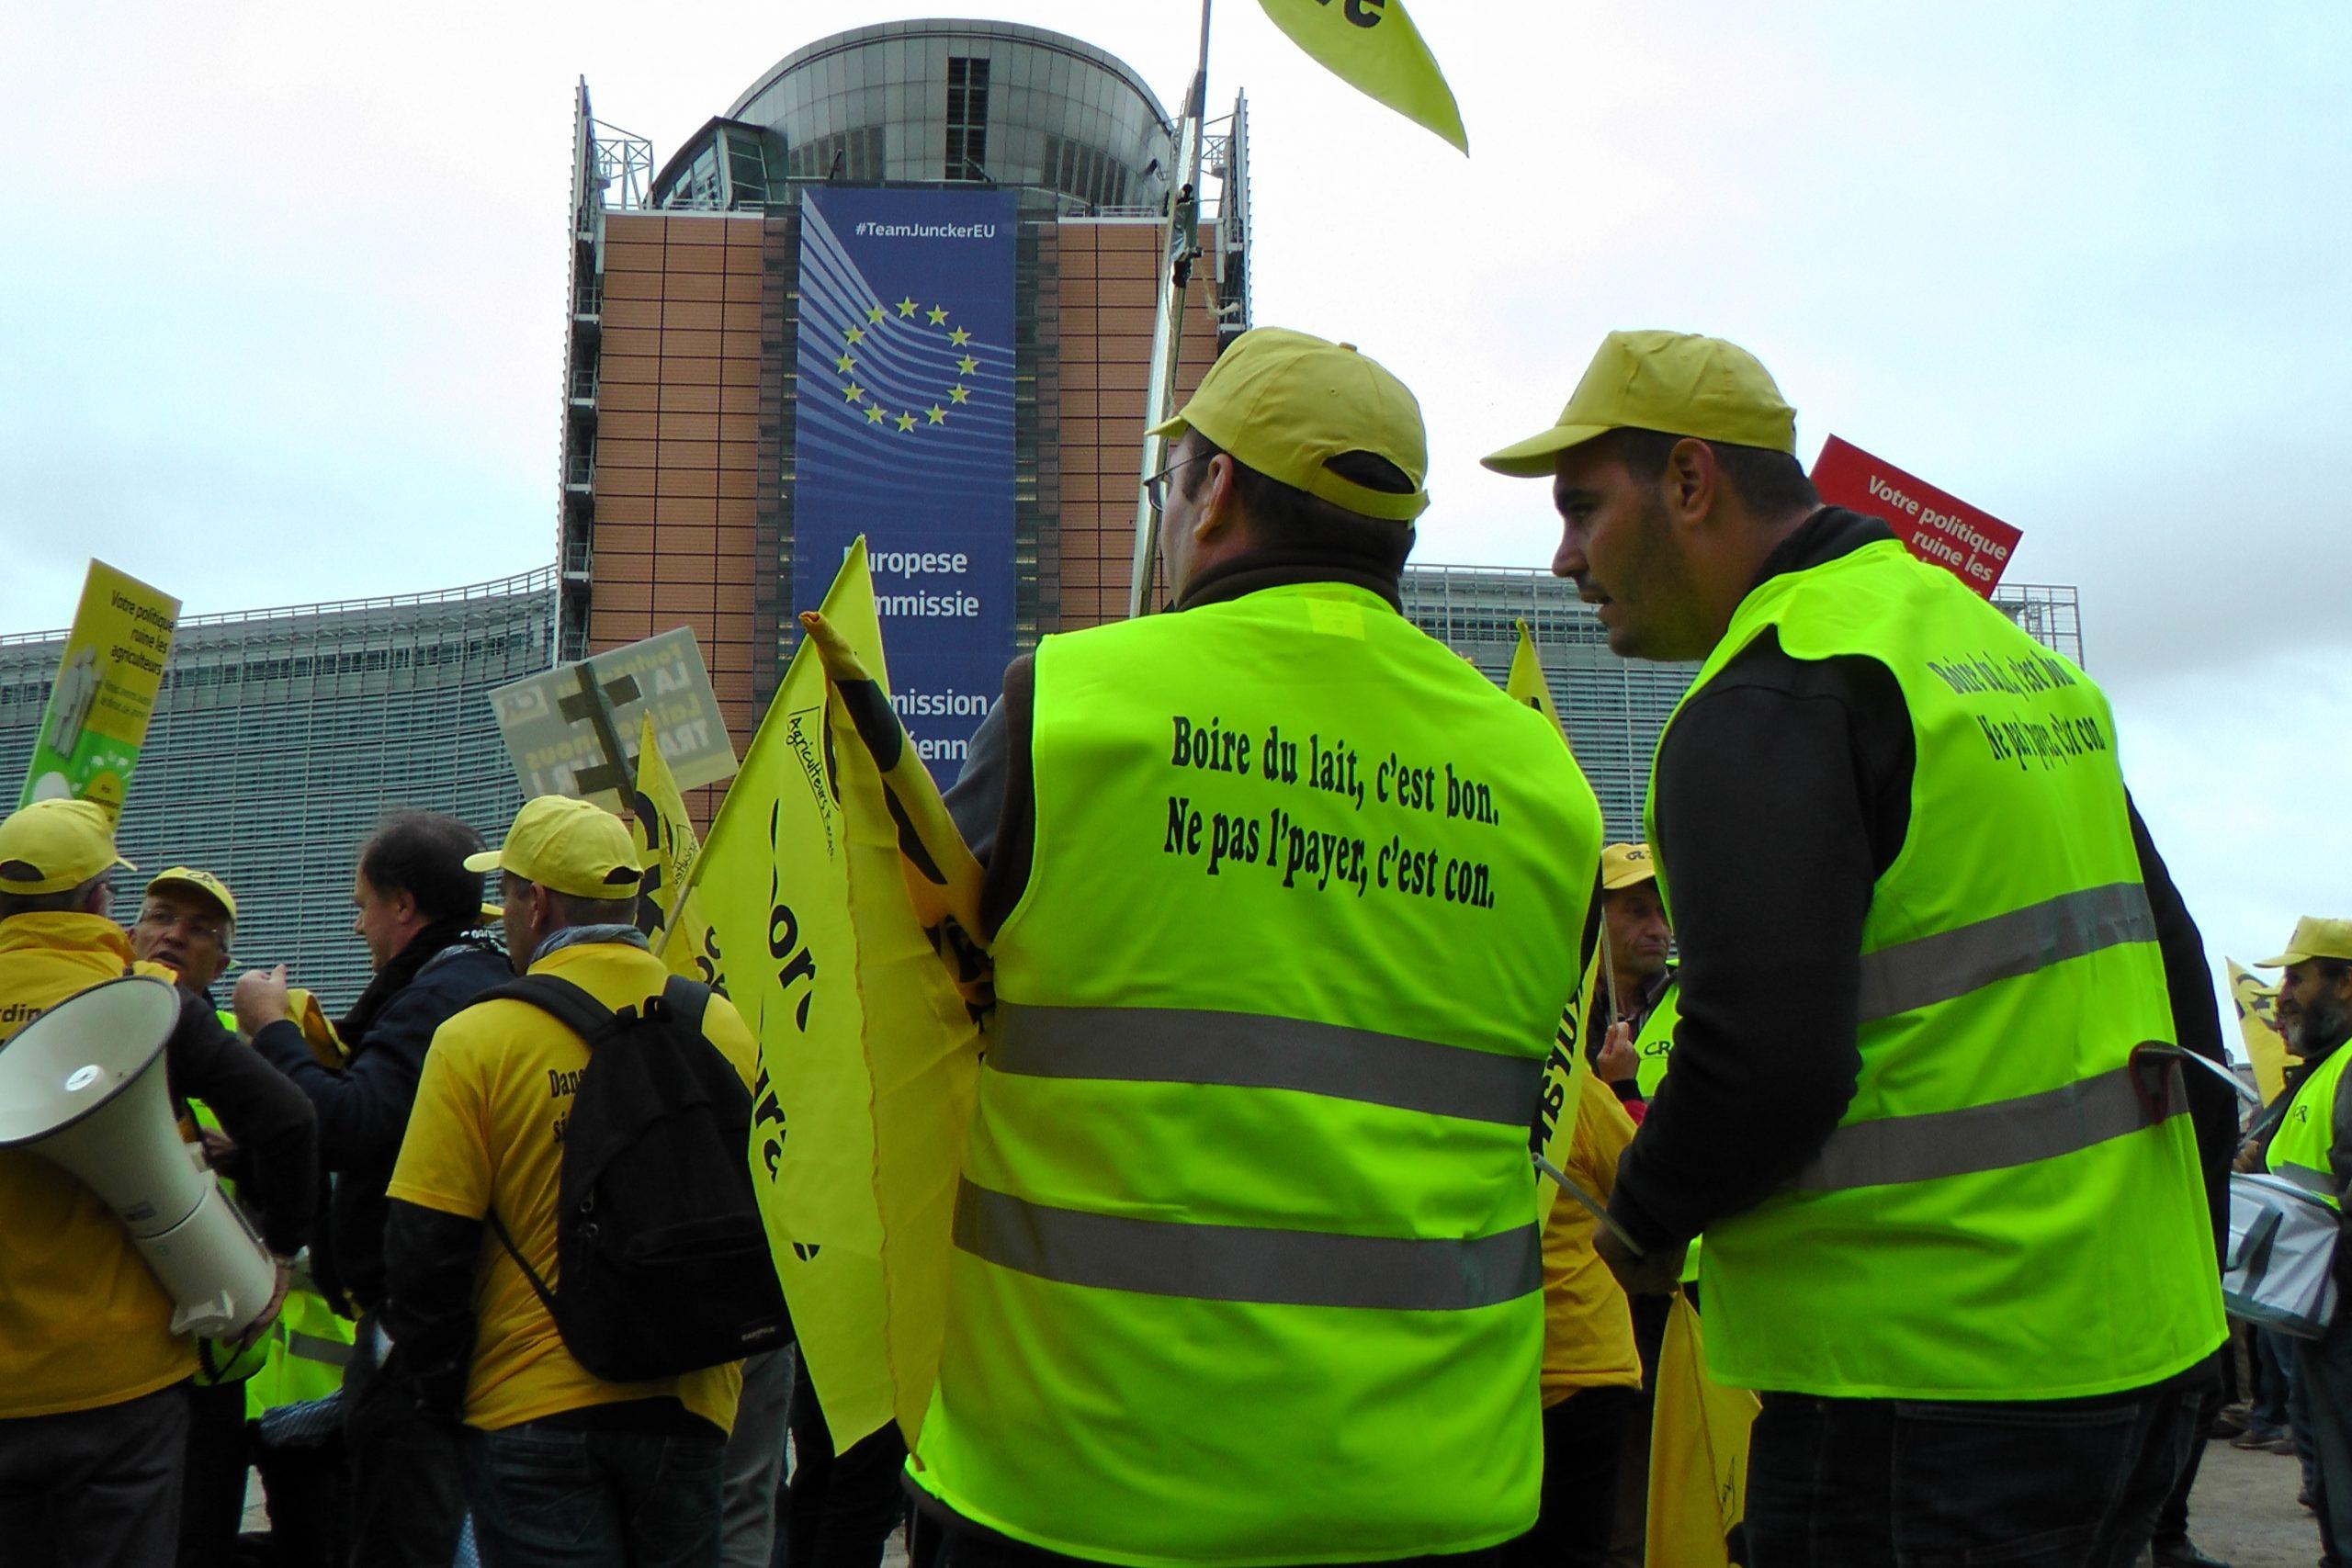 Bruxelles commission lait